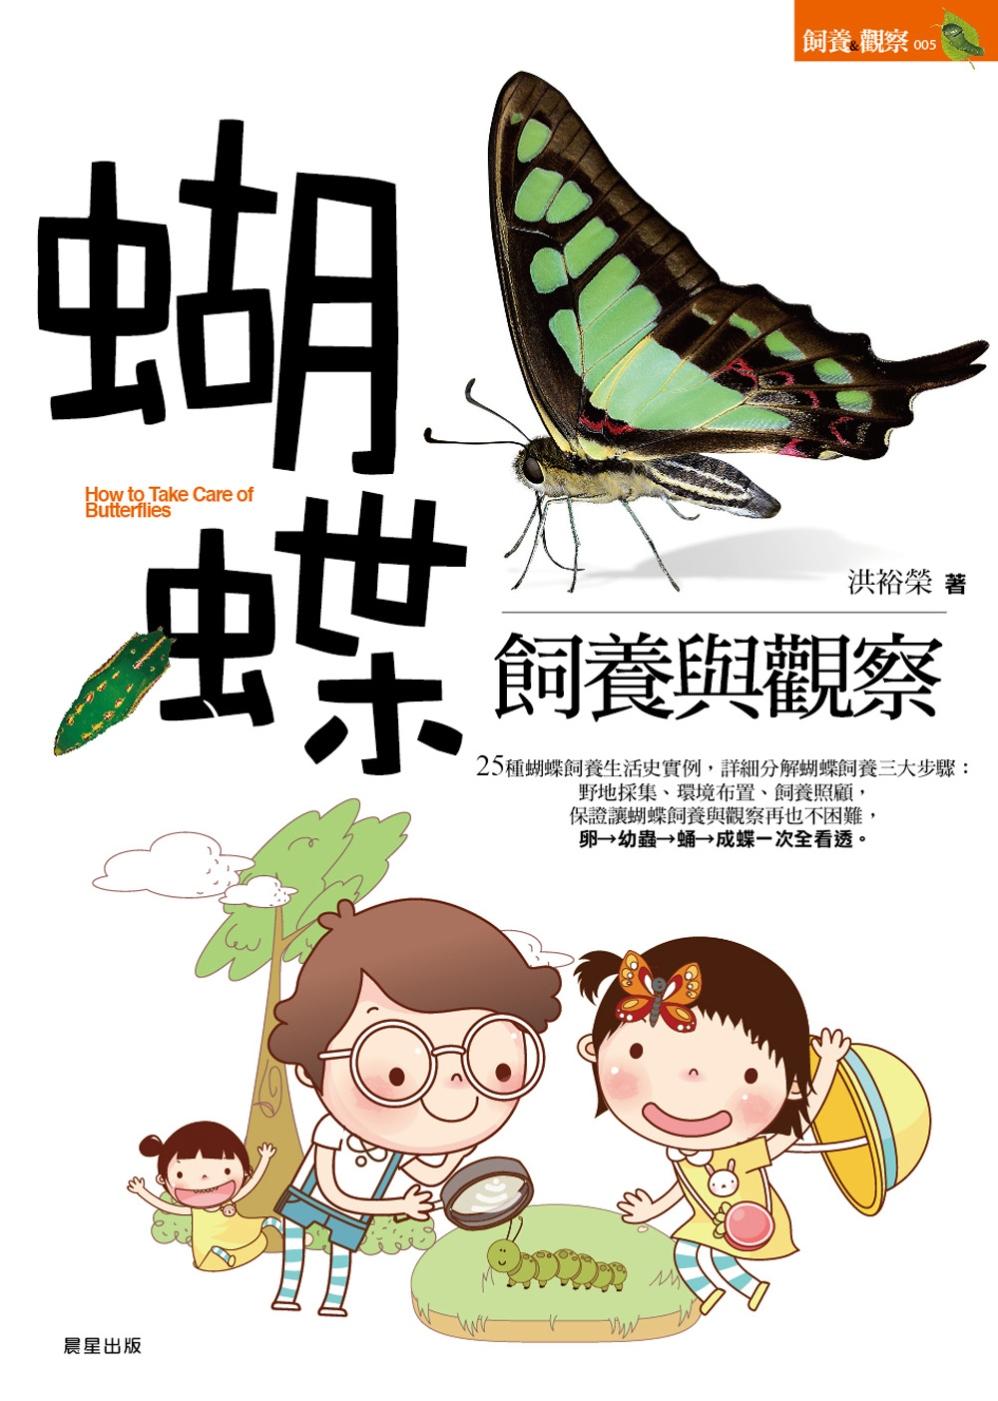 蝴蝶飼養與觀察